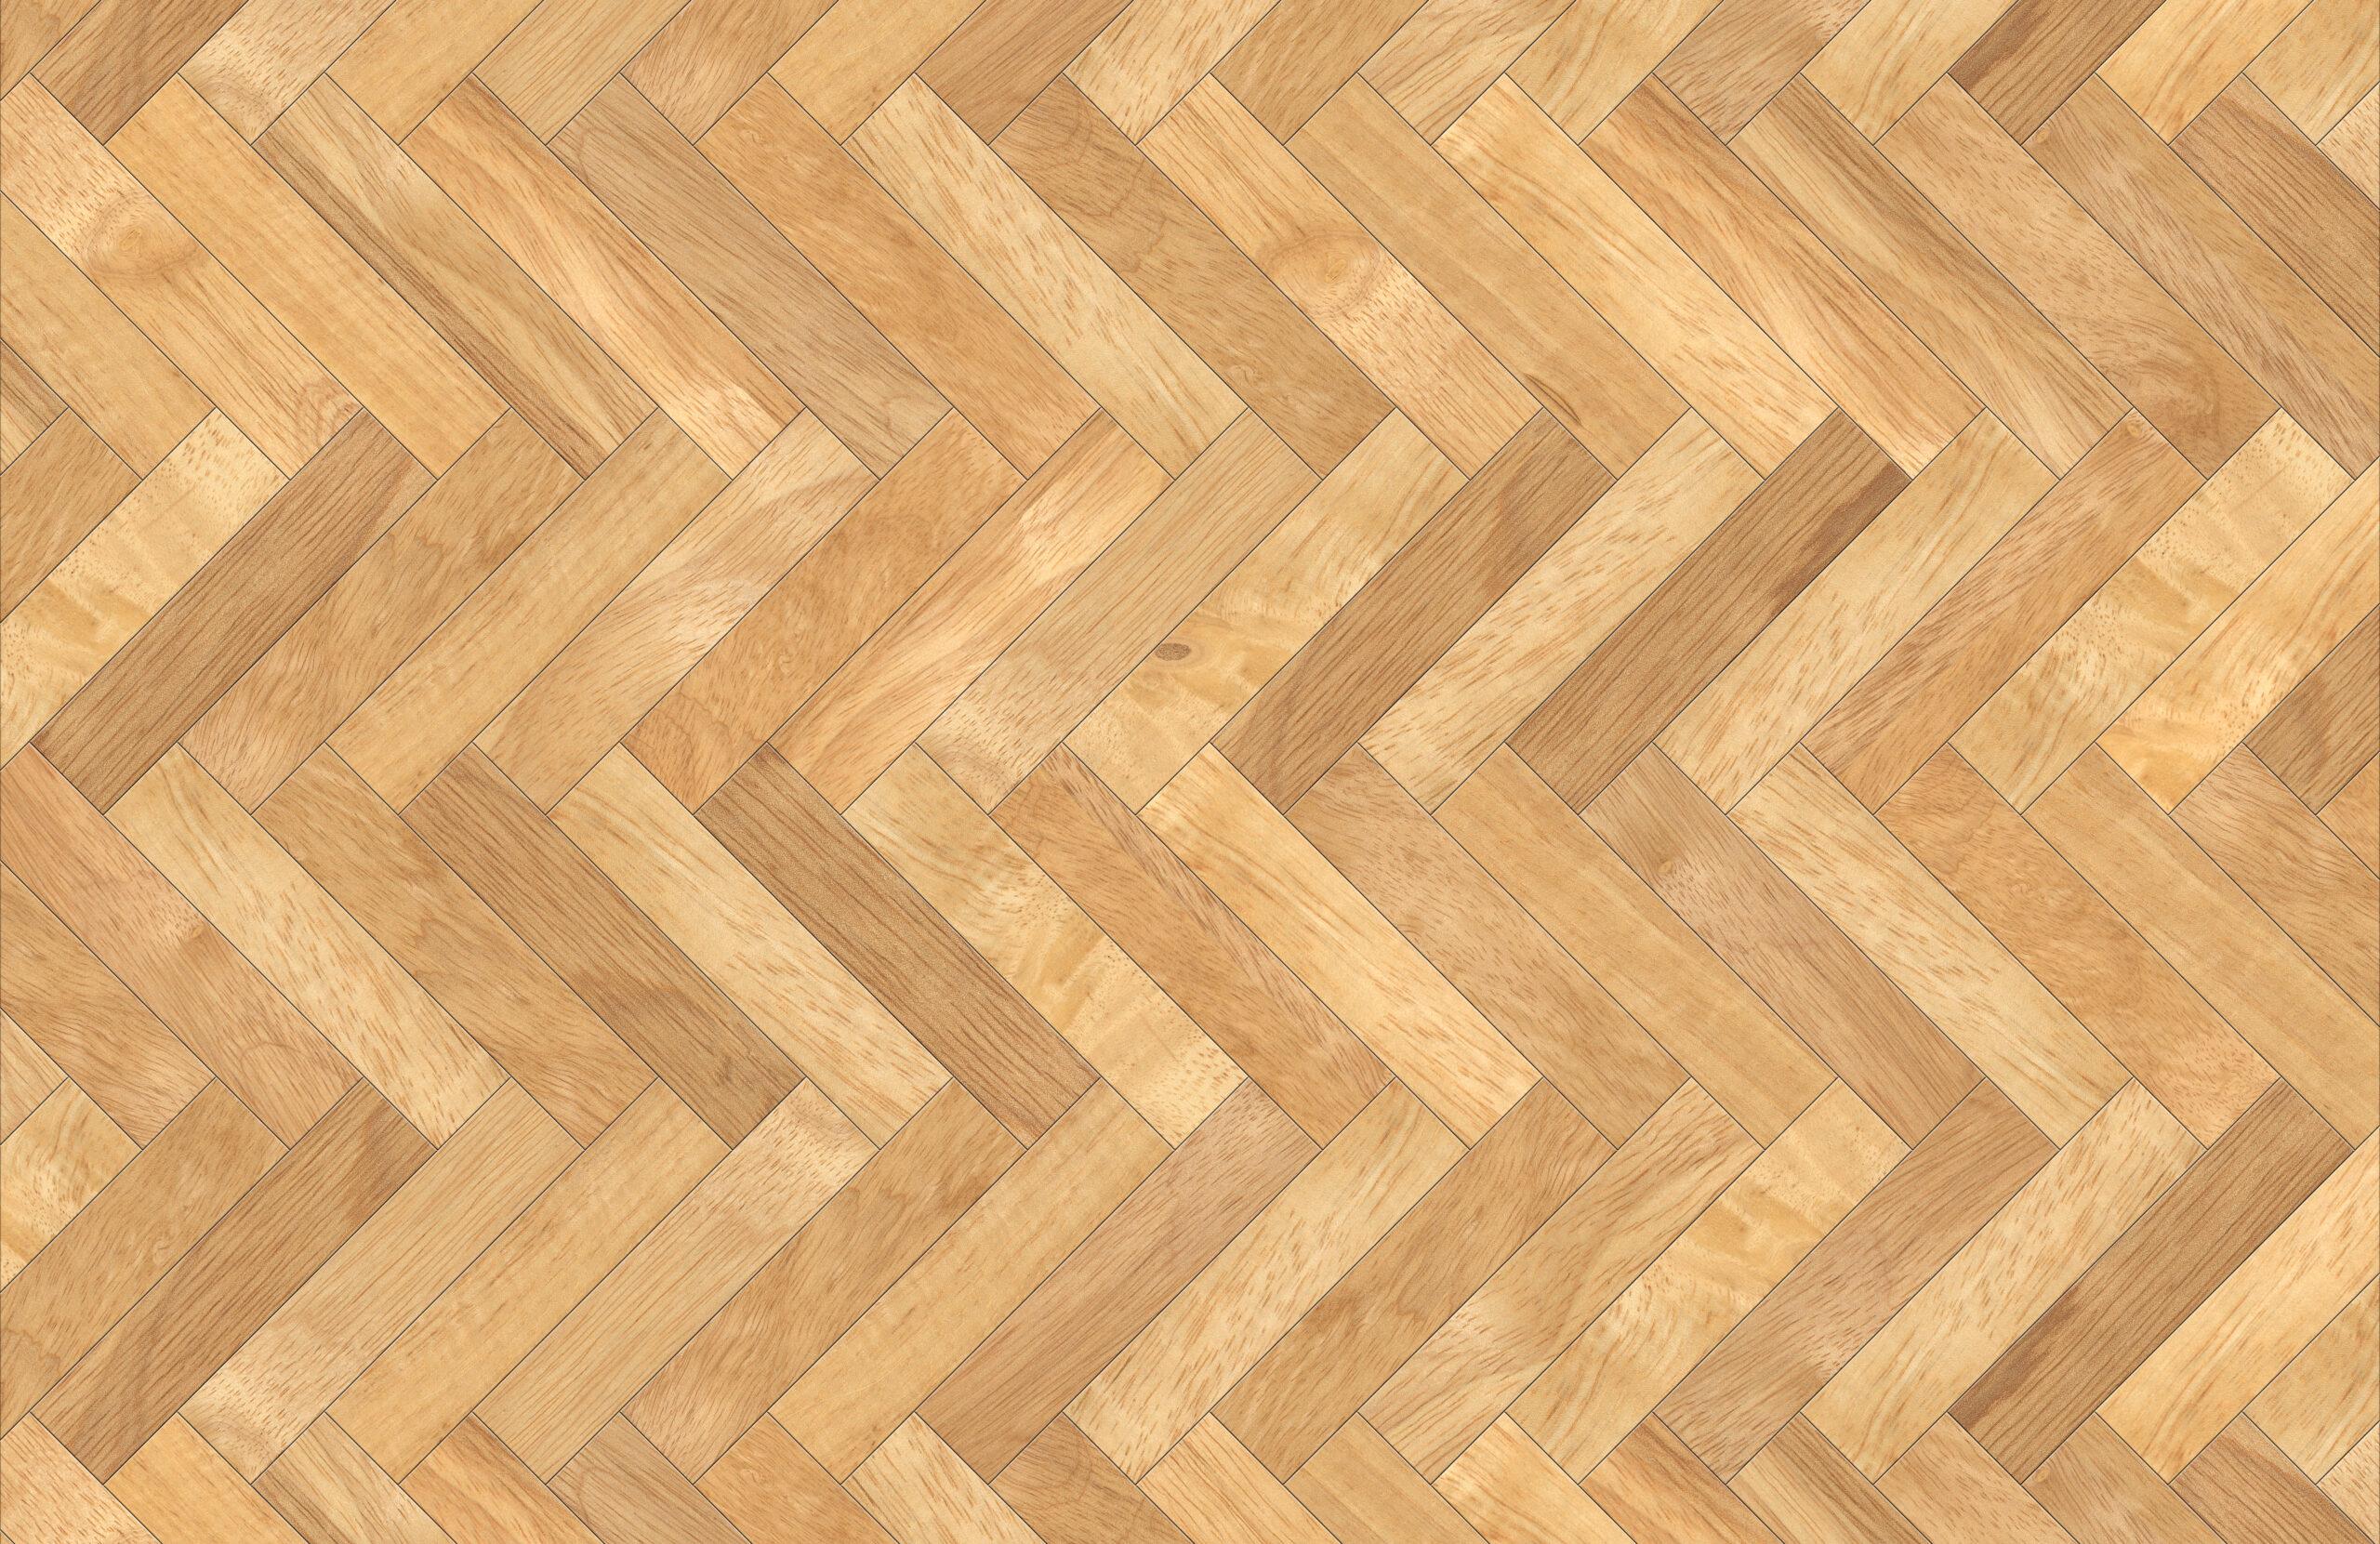 houten vloer knulst